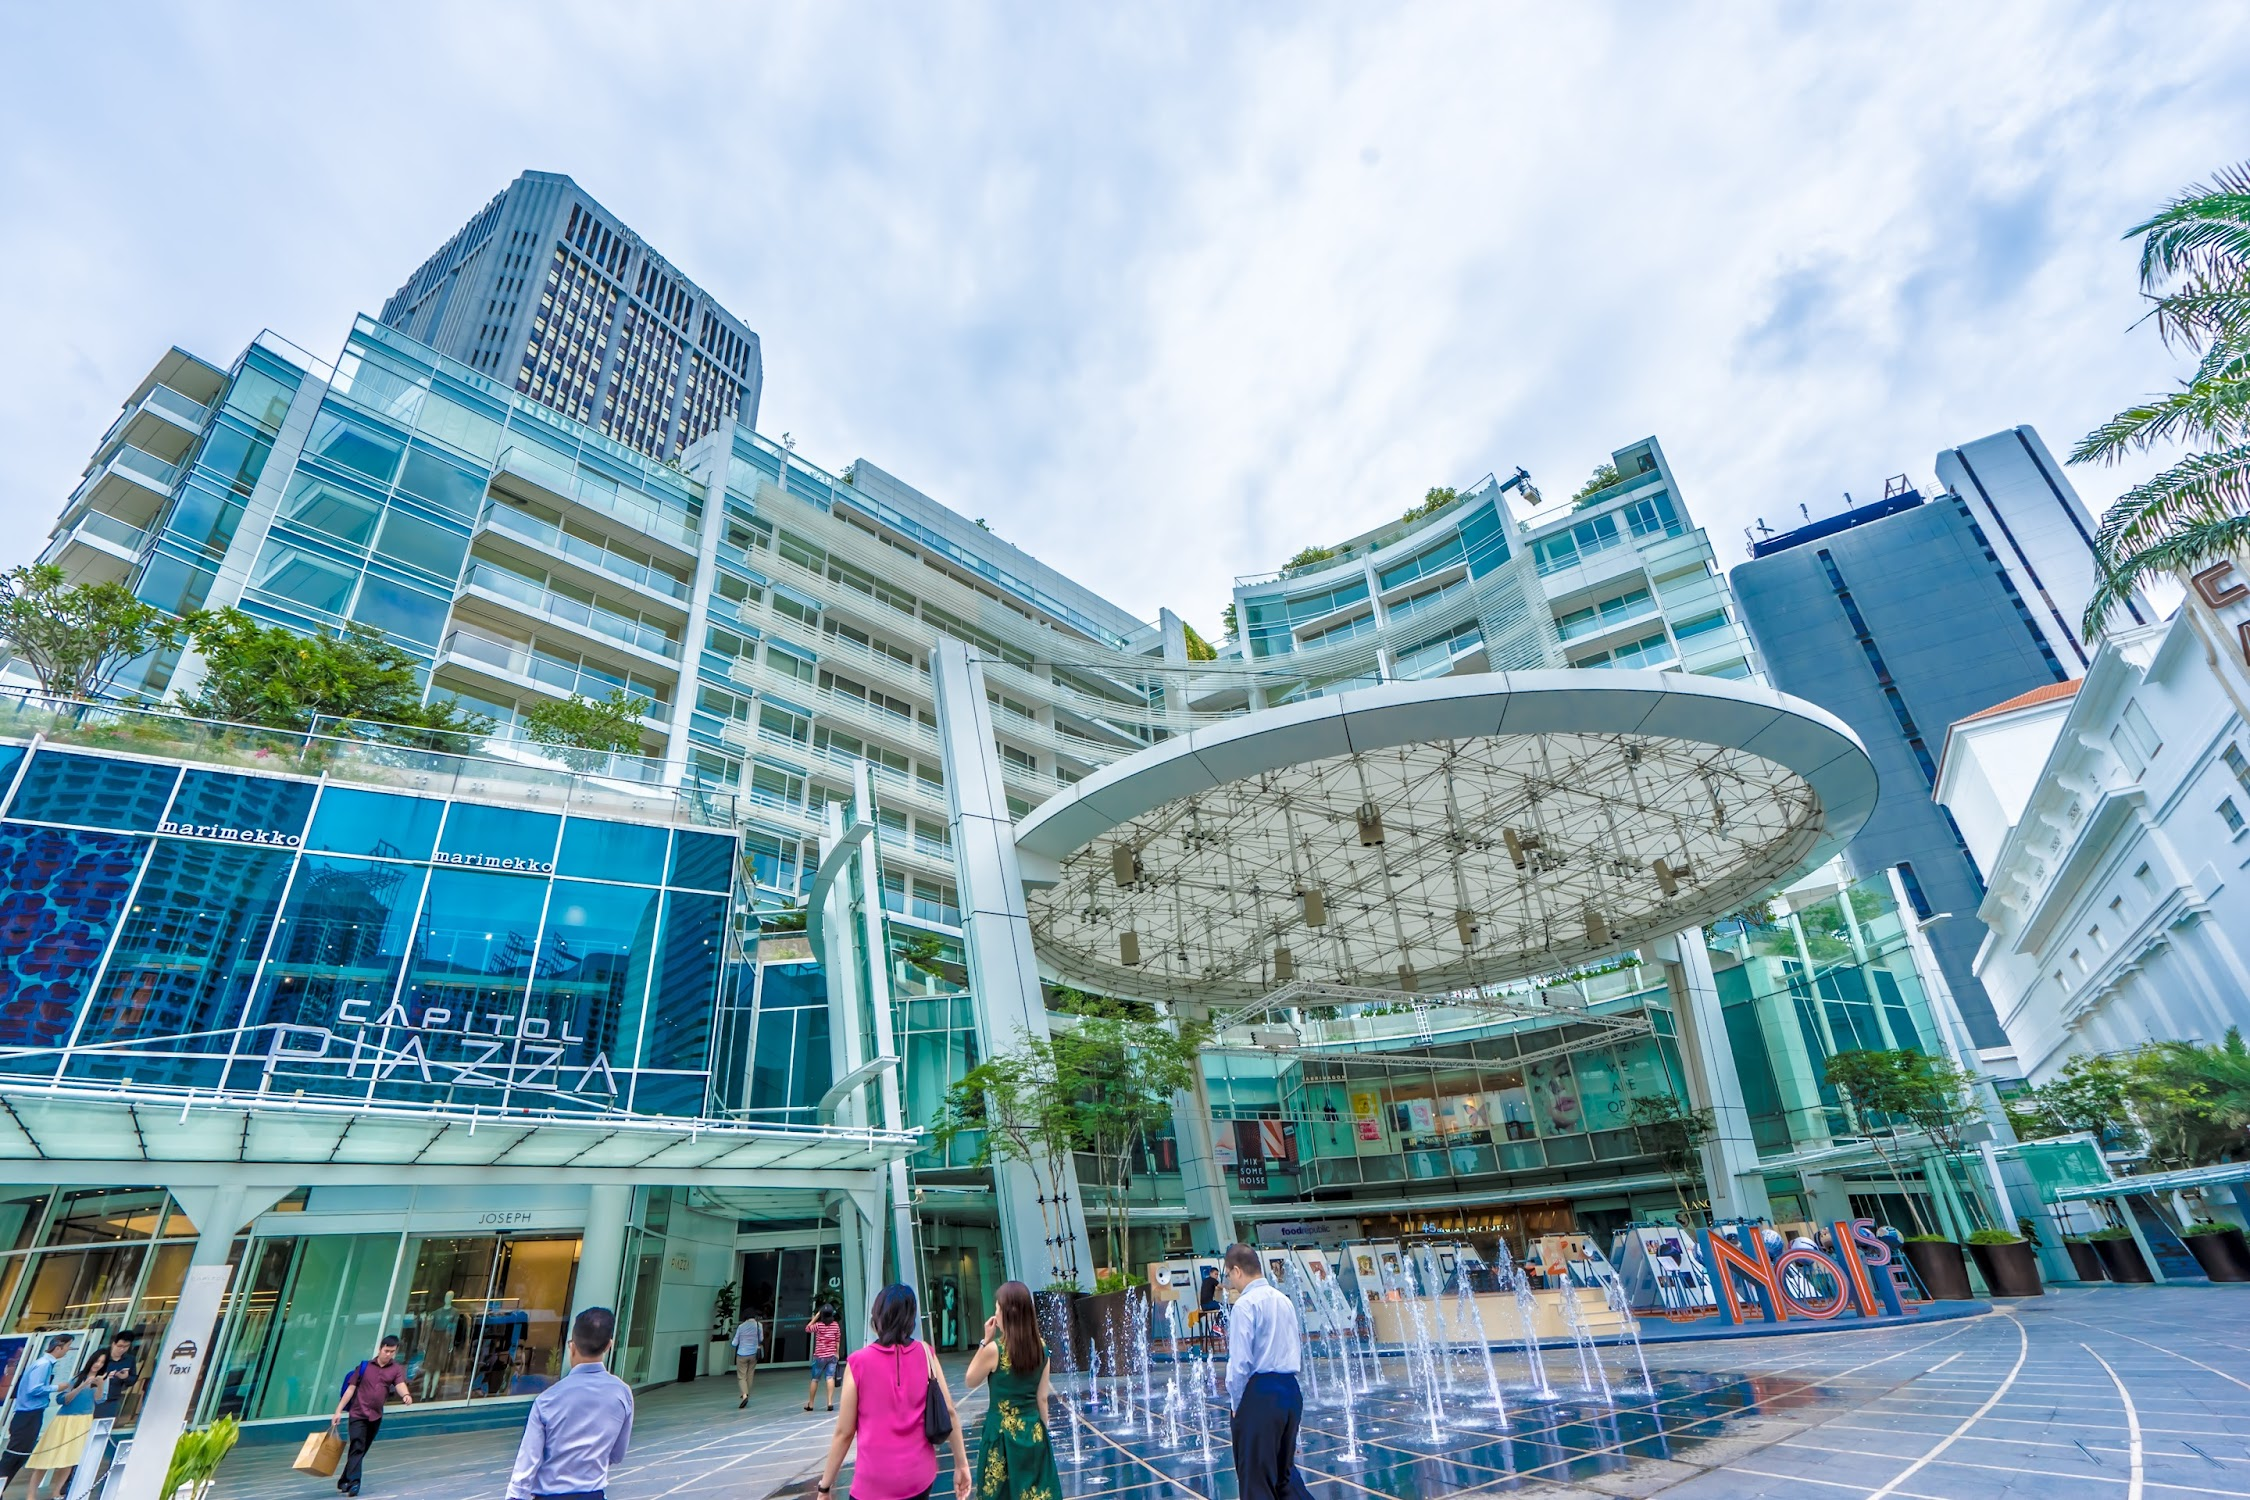 シンガポール キャピトル・ピアッツァ1